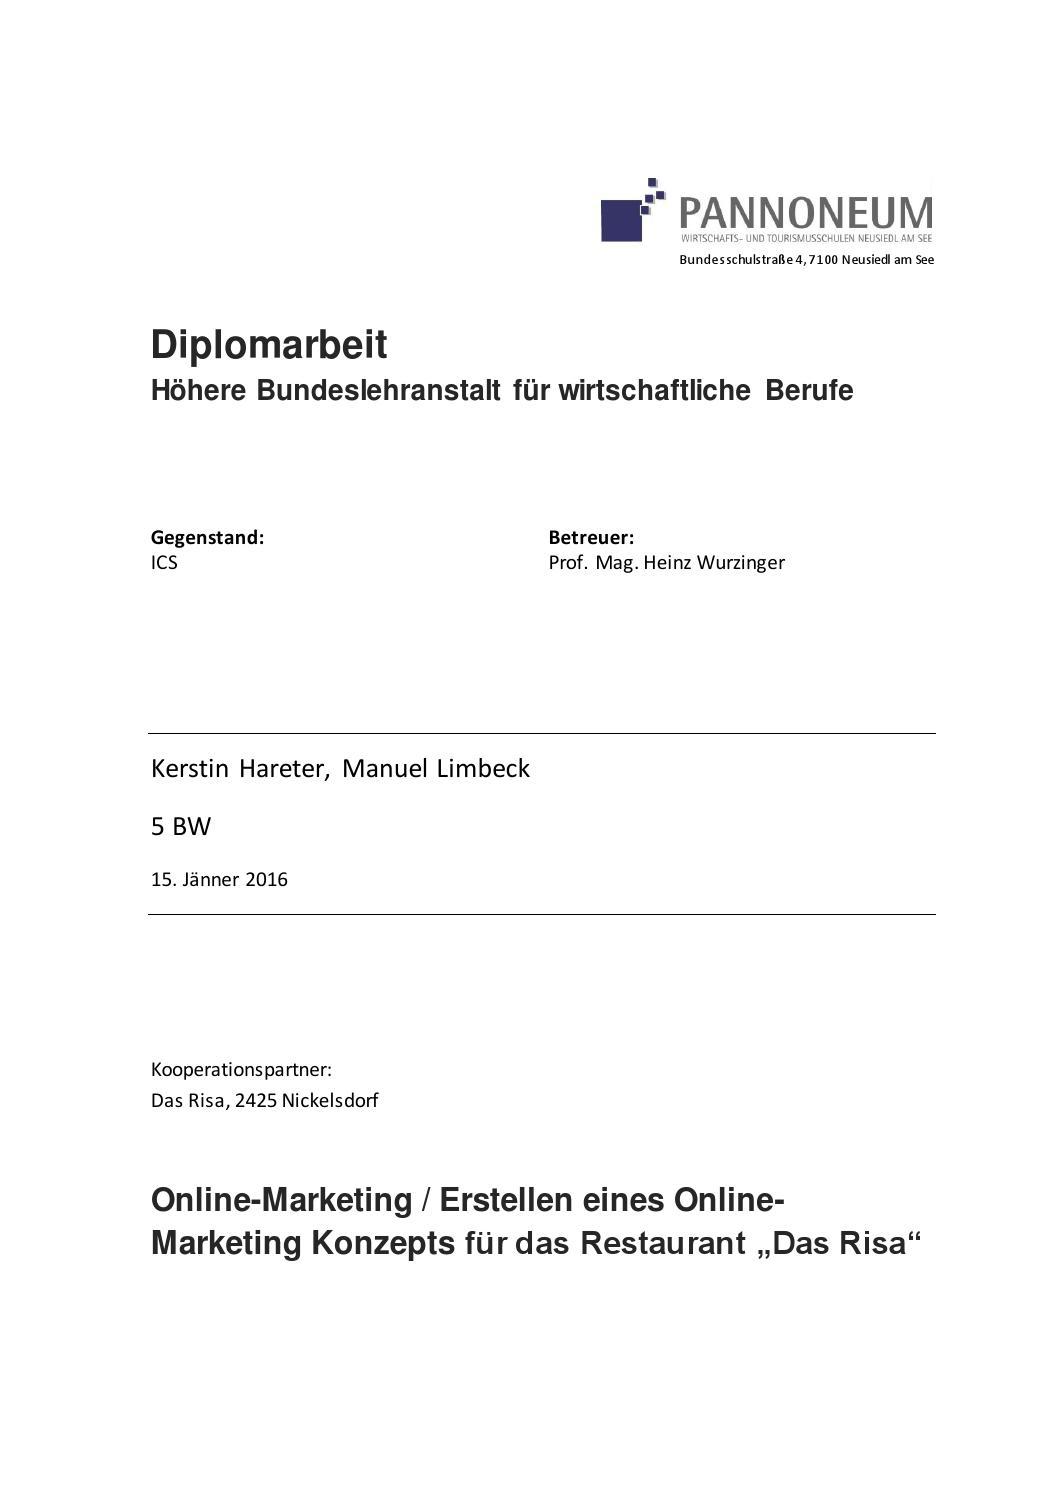 Diplomarbeit Online-Marketing/ Erstellen eines Marketingkonzepts by ...